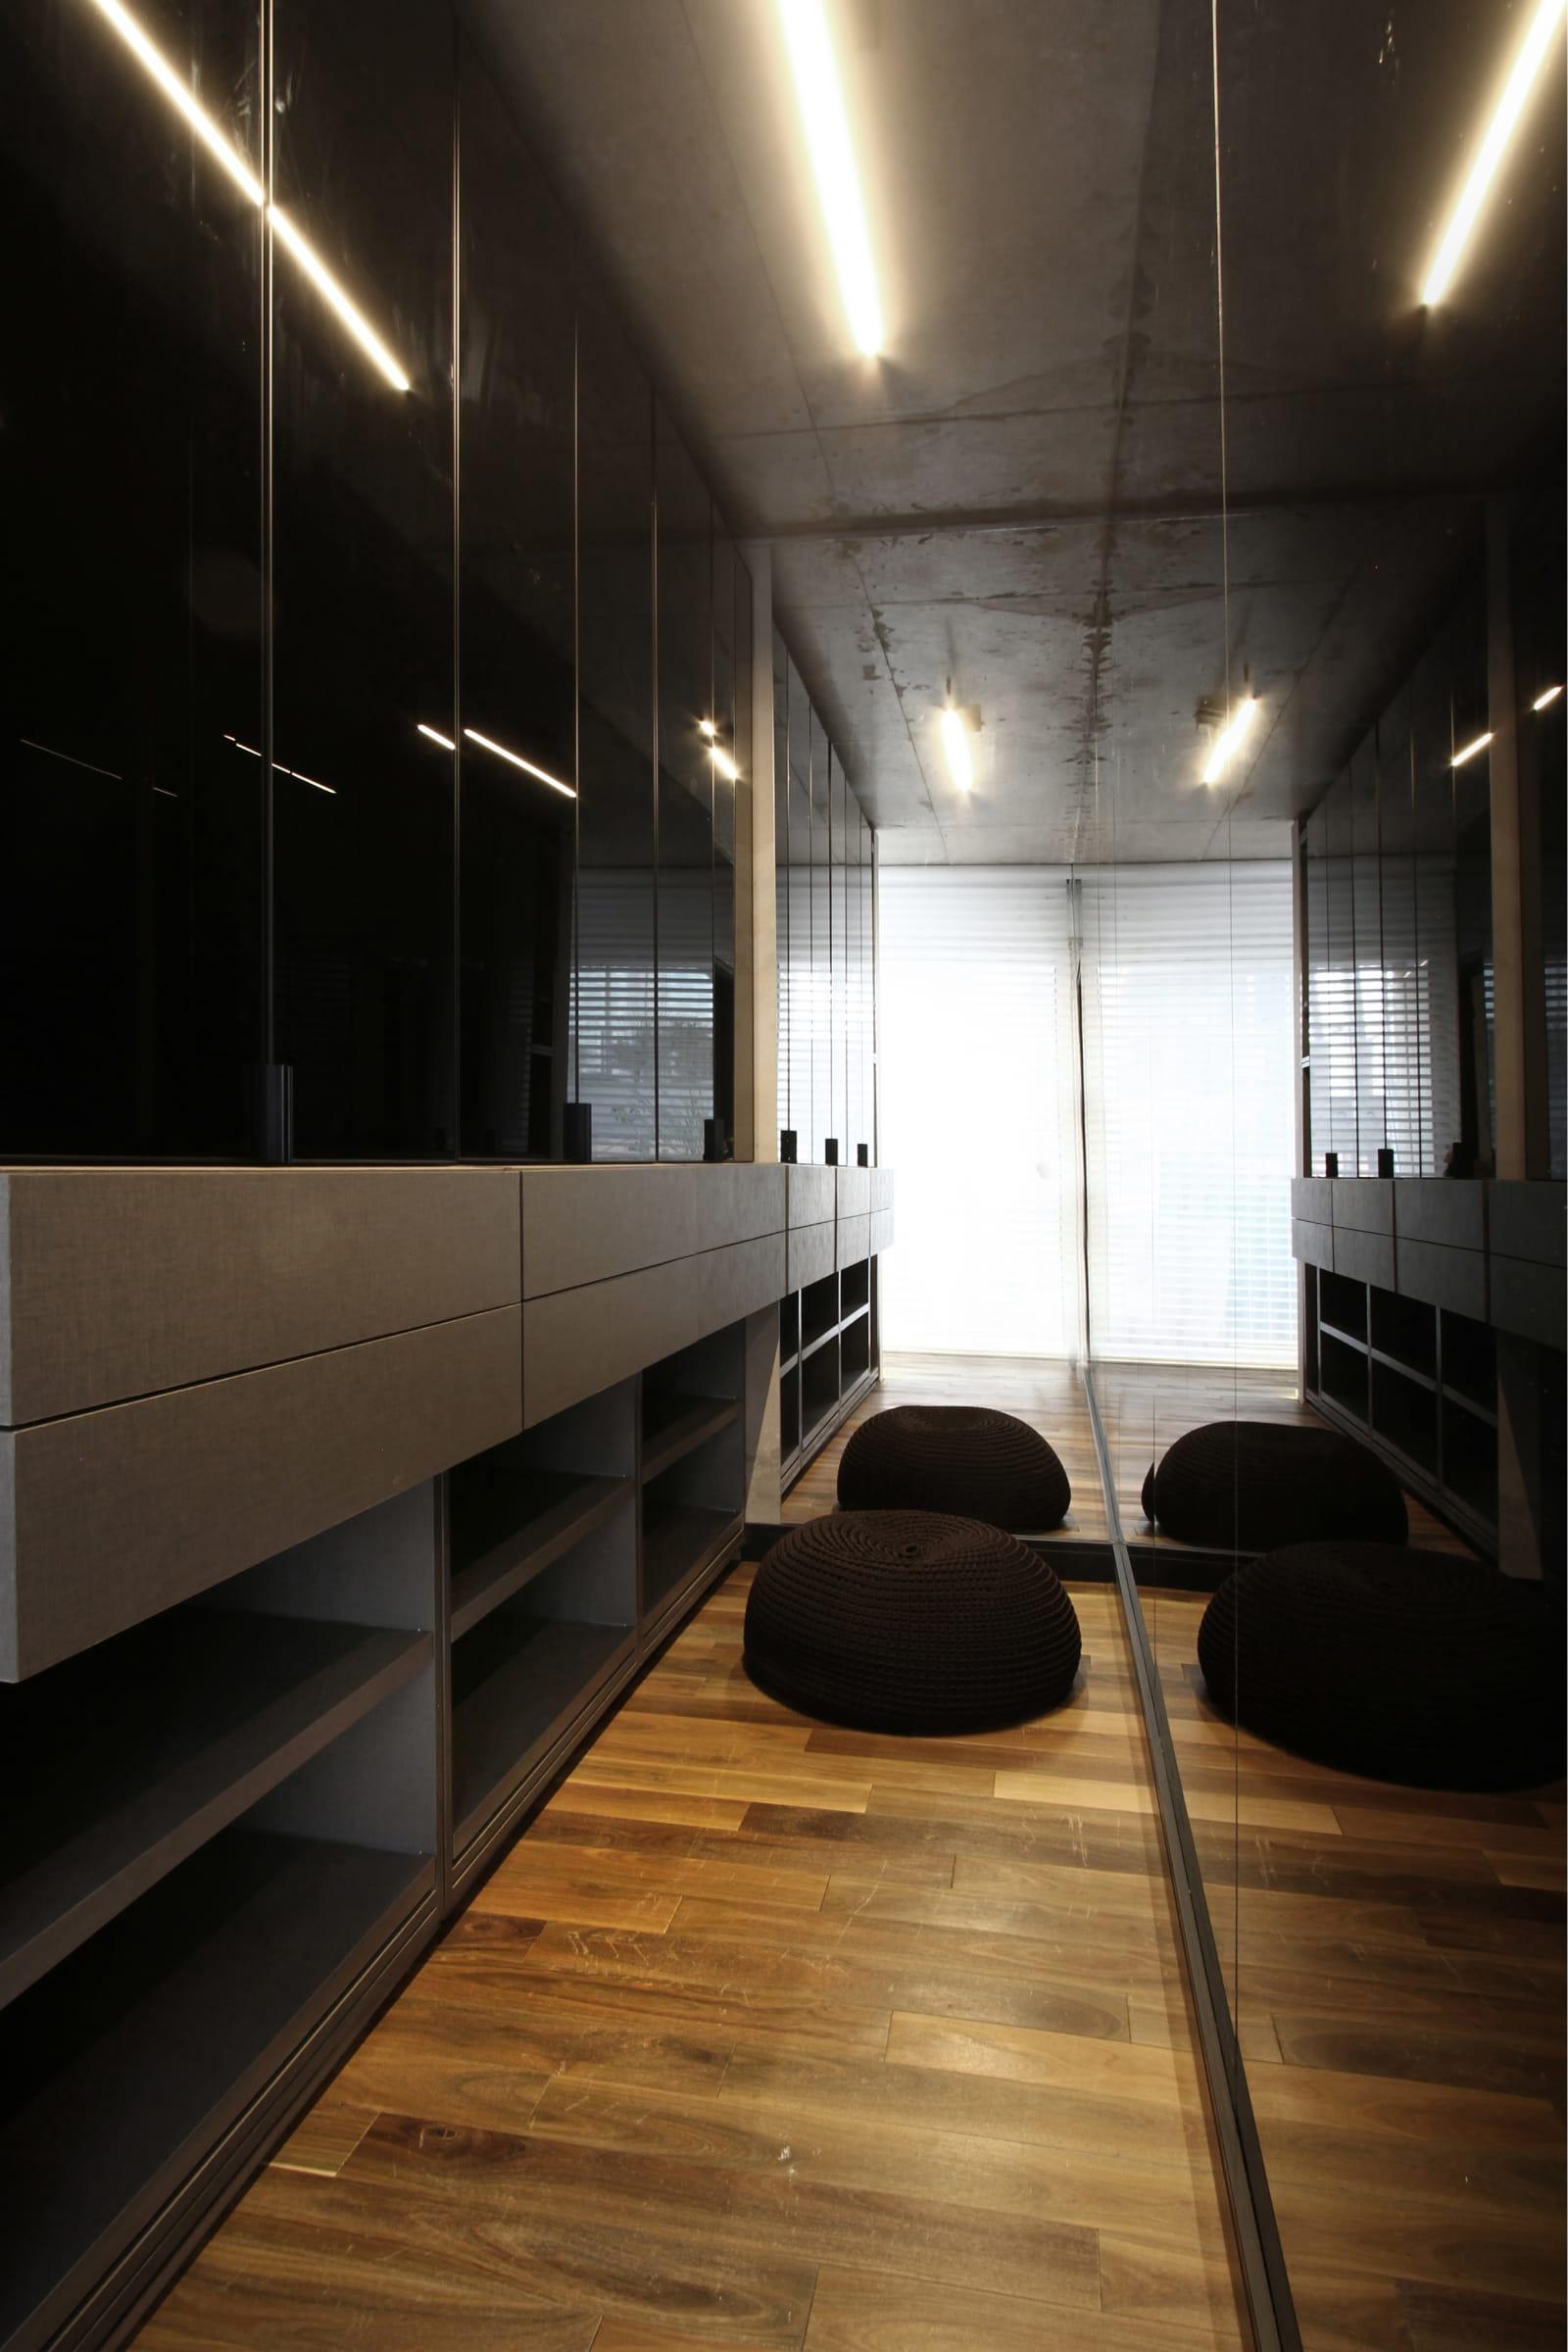 Vestidor con placa Seda Notte (Faplac) y piso multiestrato Colección Millenium Patagonia.